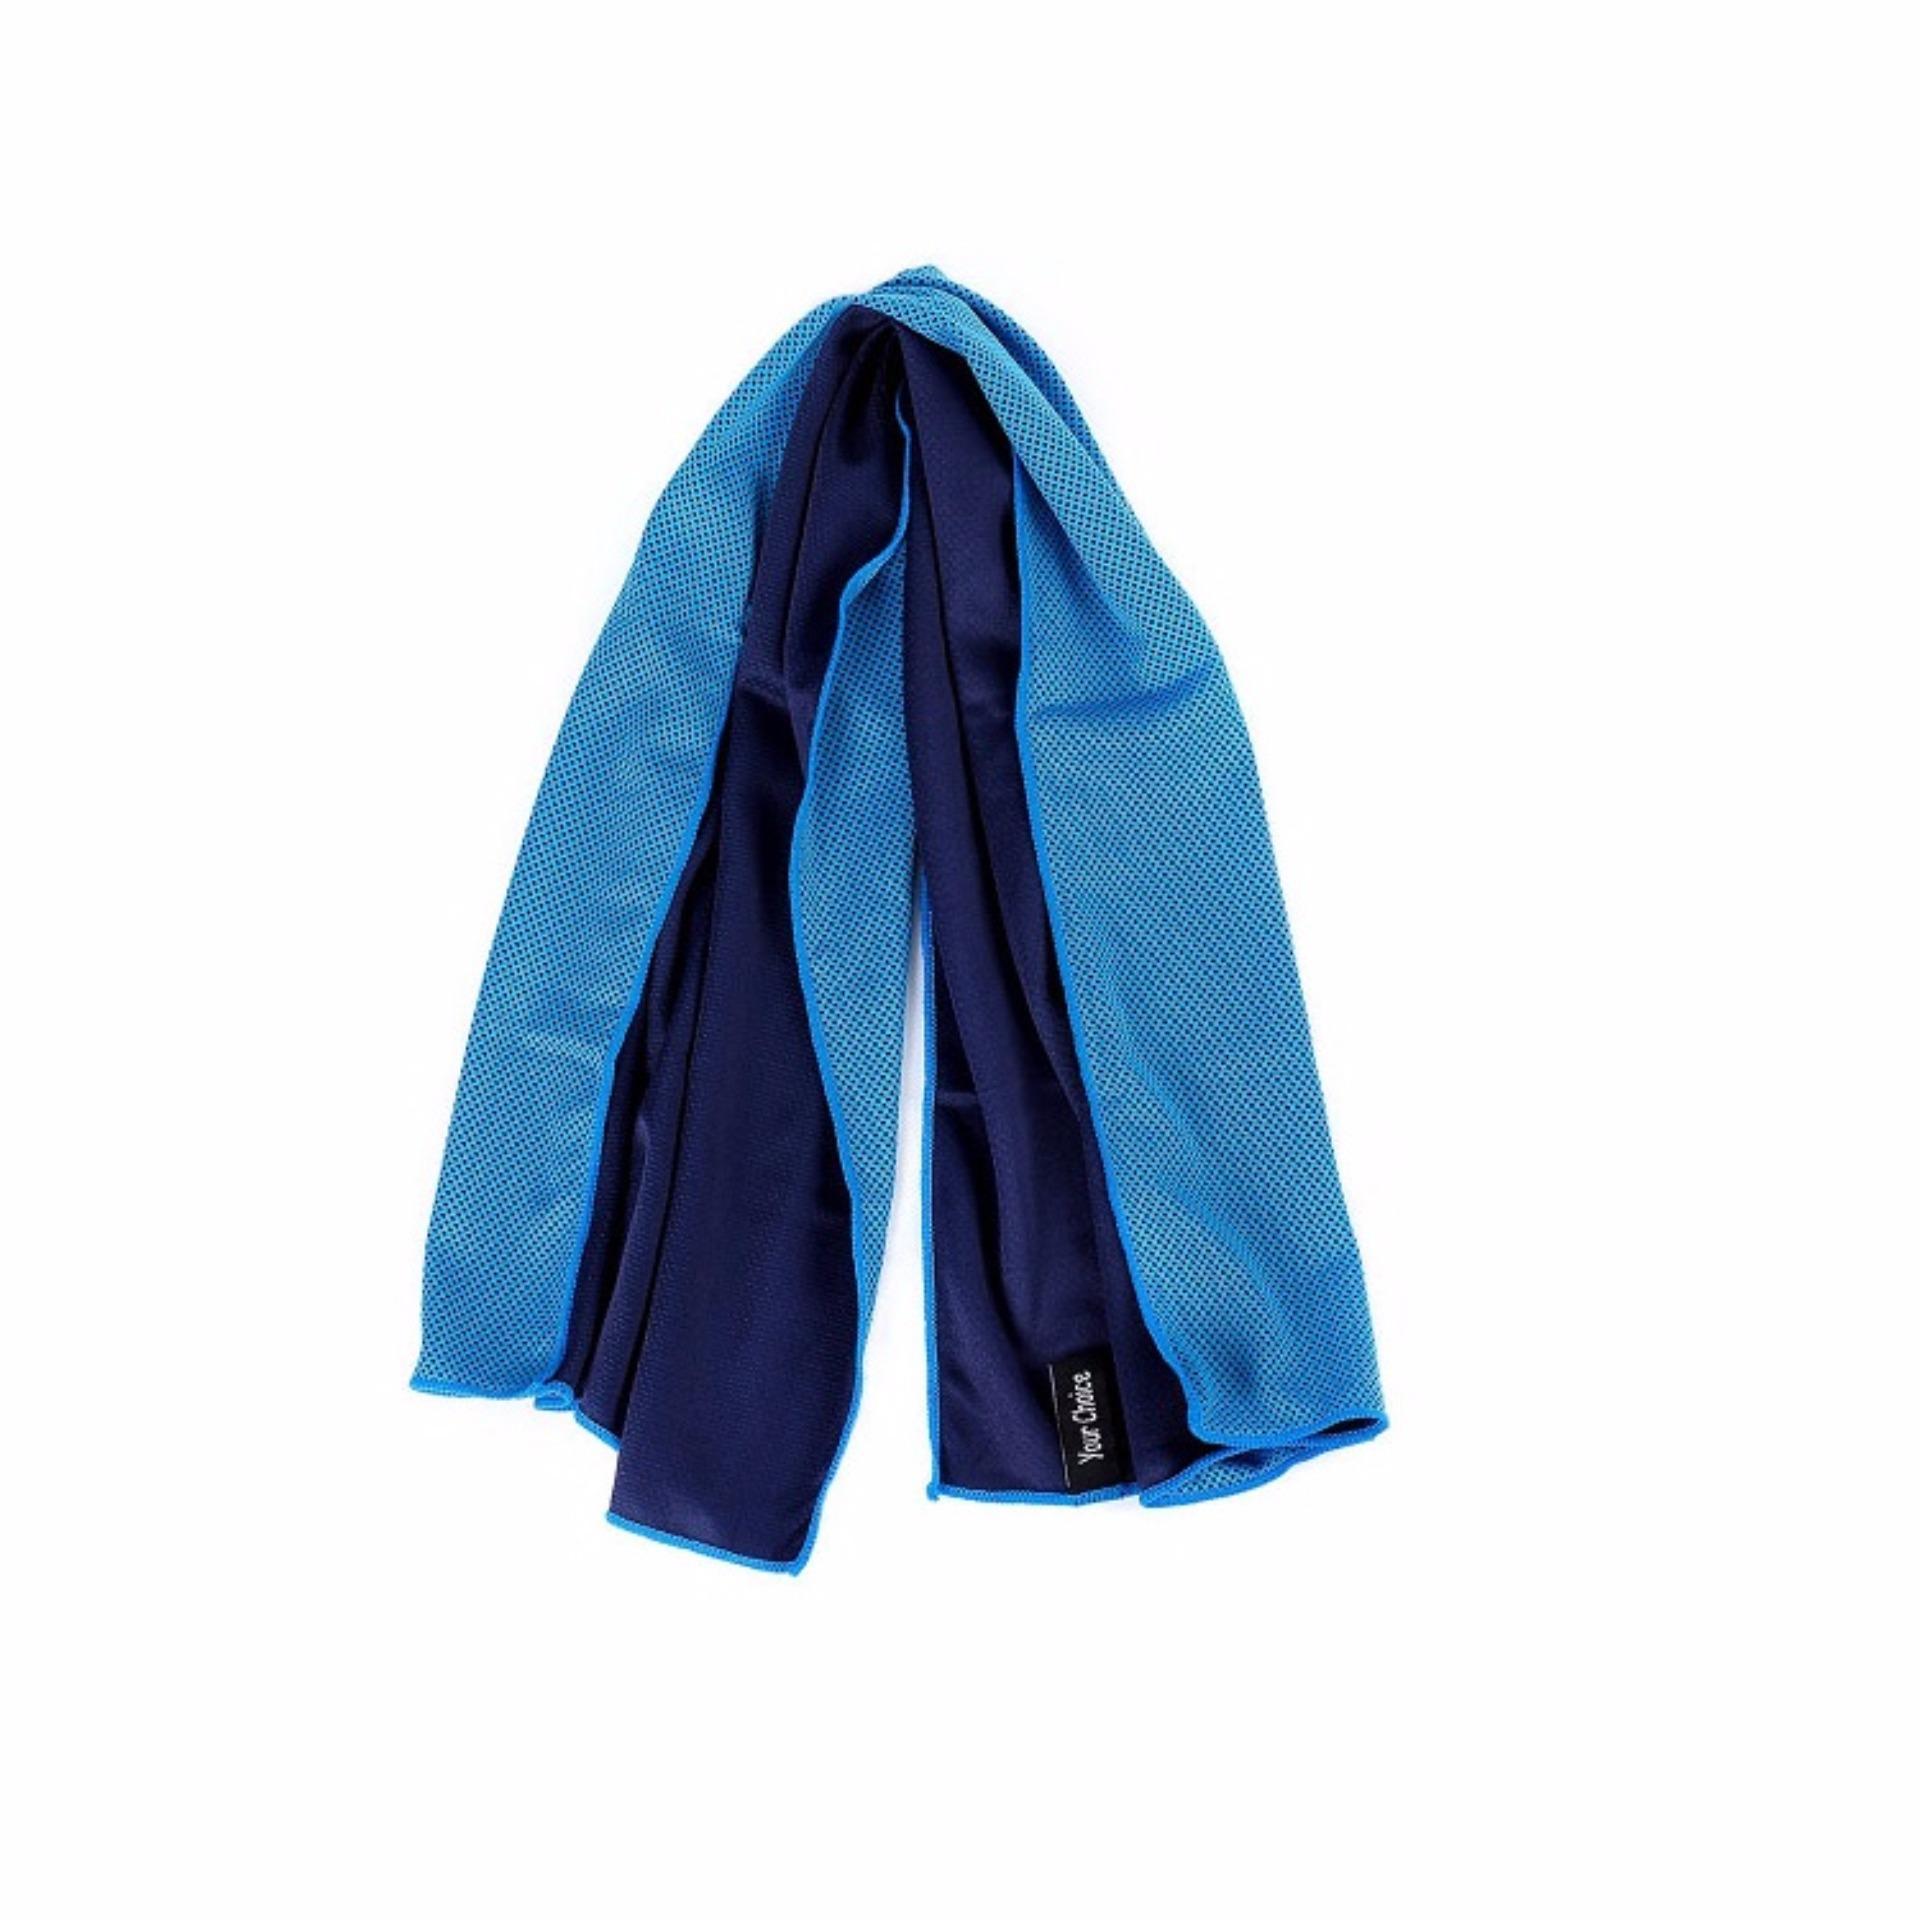 Khăn thể thao, khăn siêu mát, khăn lạnh thể thao gọn nhẹ Cooltime POPO Collection 14